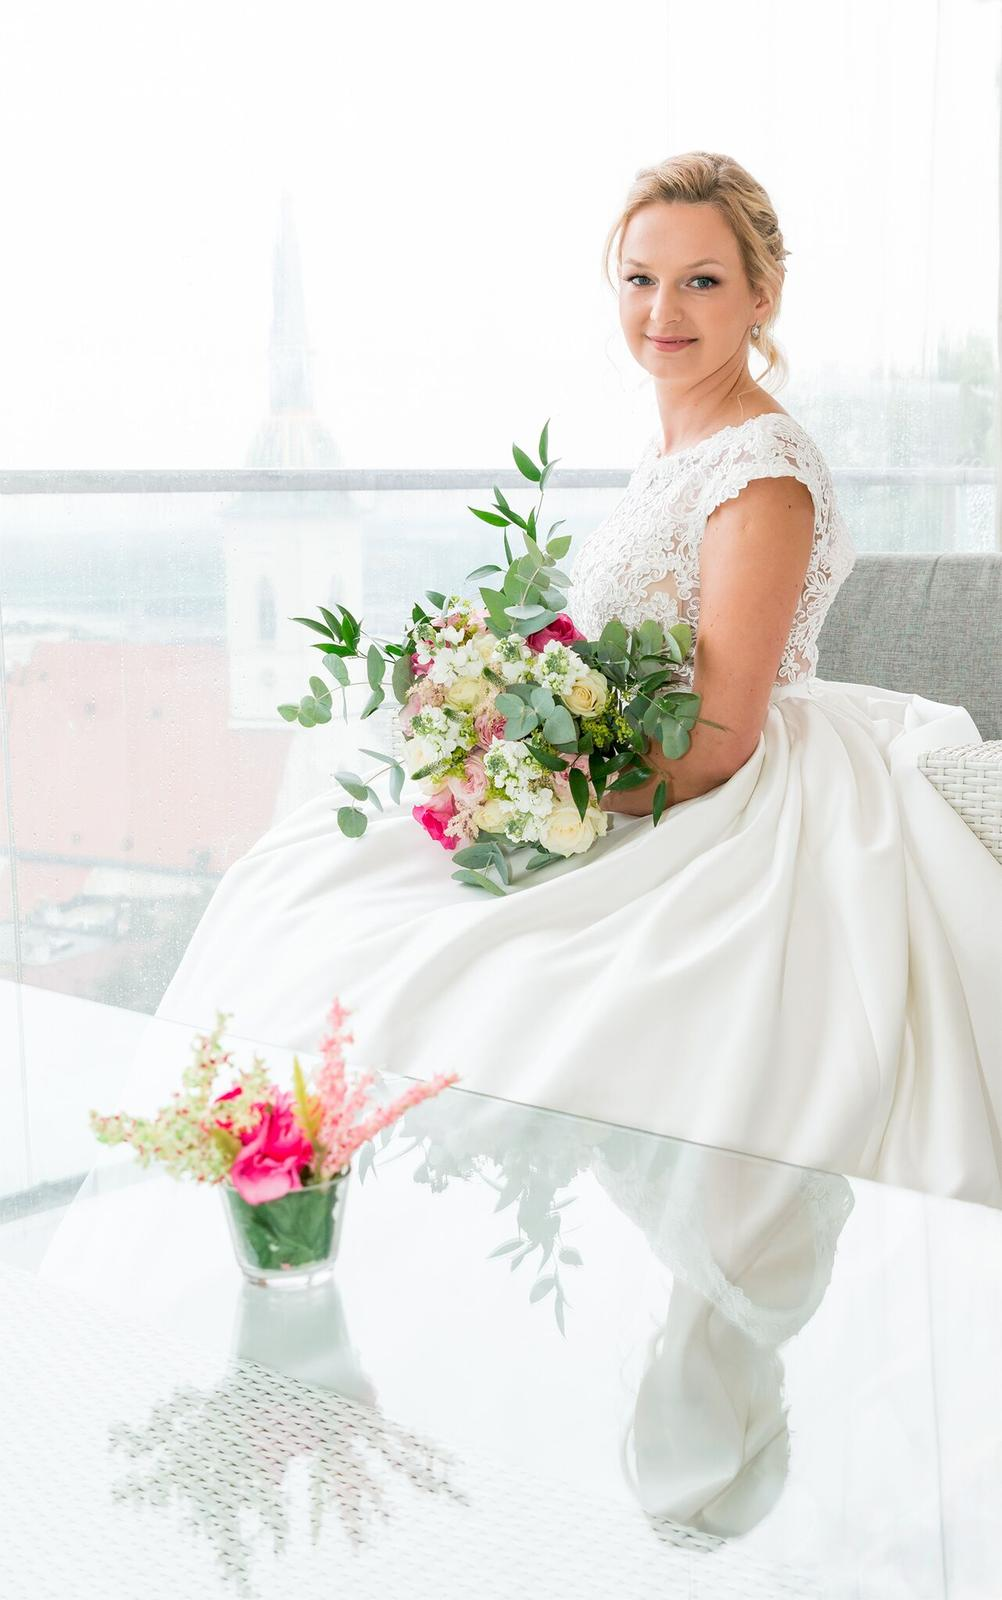 Septembrová svadba - pestrá kytička s klasickými ružami, ružami David Austin, veronicou, astilbe, matthiolou, alchemilkou a voňavým eukalyptom.....Reštaurácia Hrad